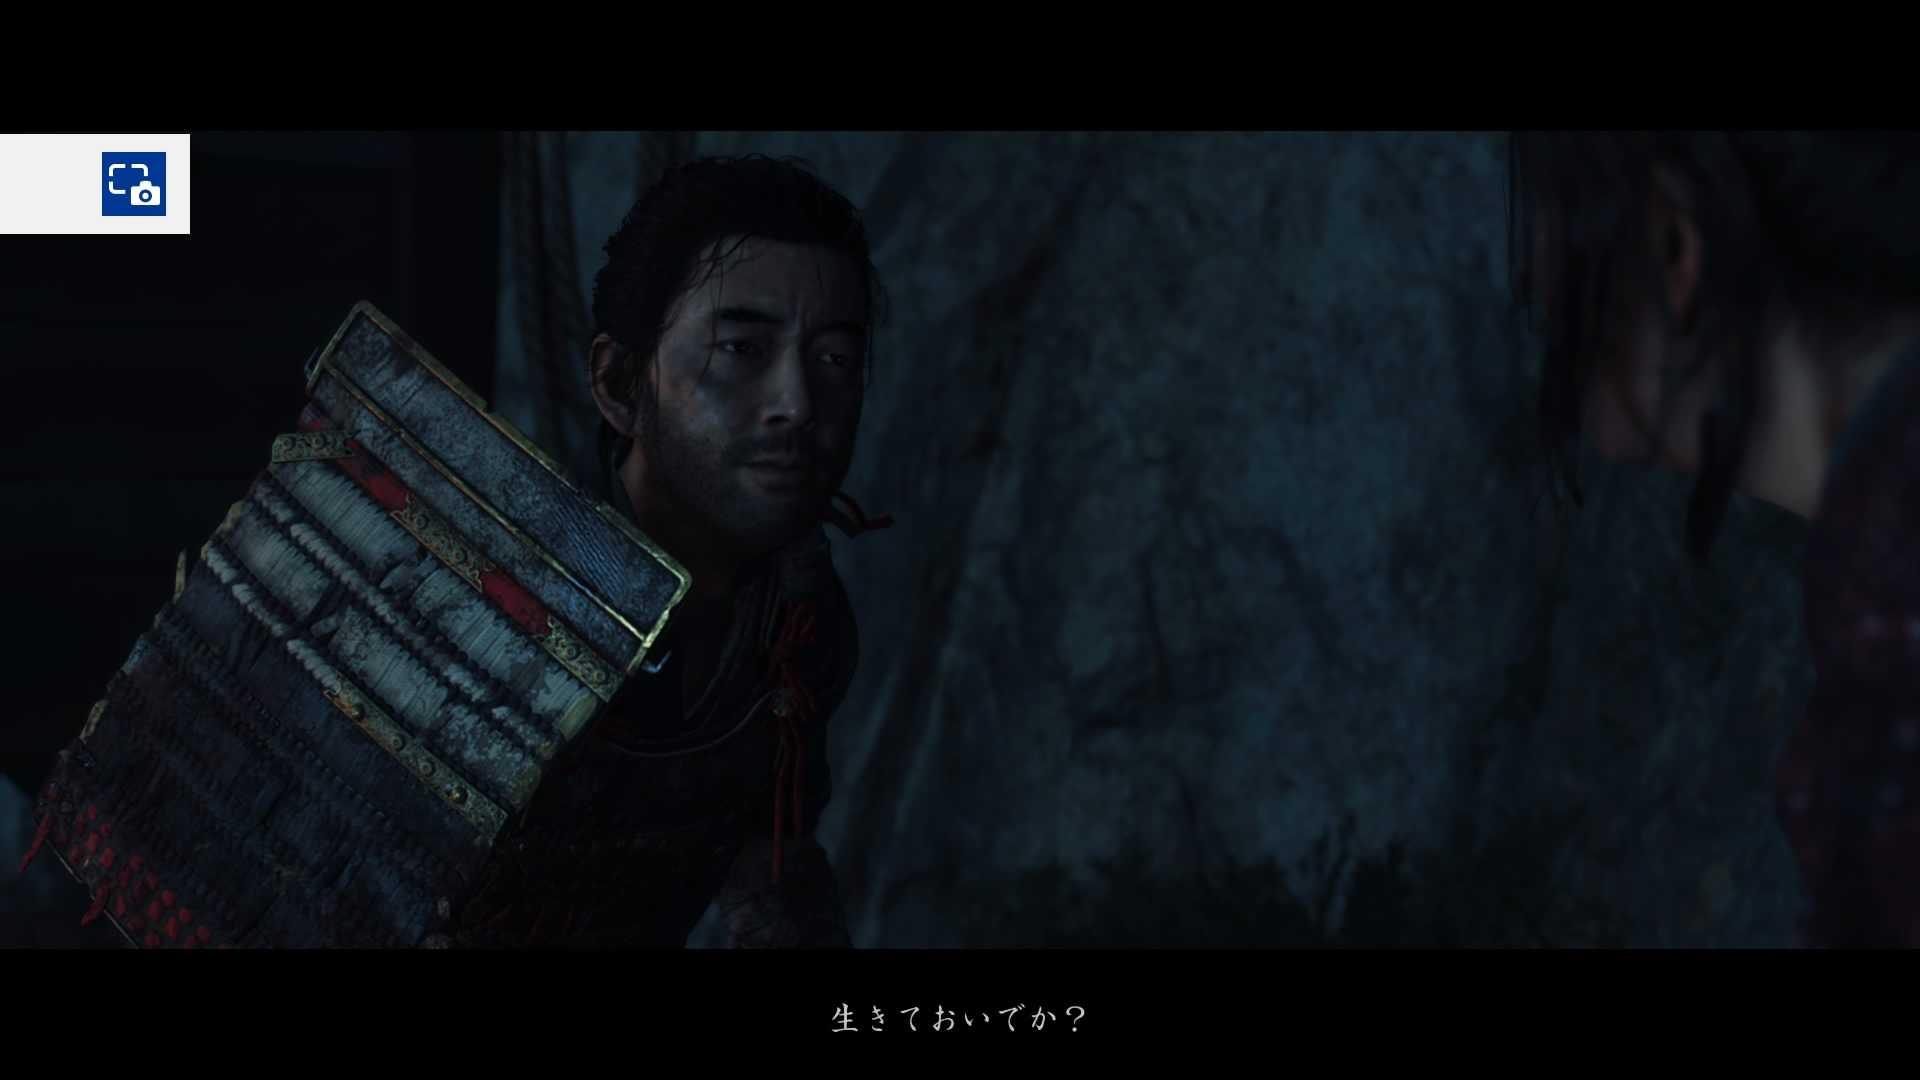 殺す 志村 オブ ゴースト ツシマ